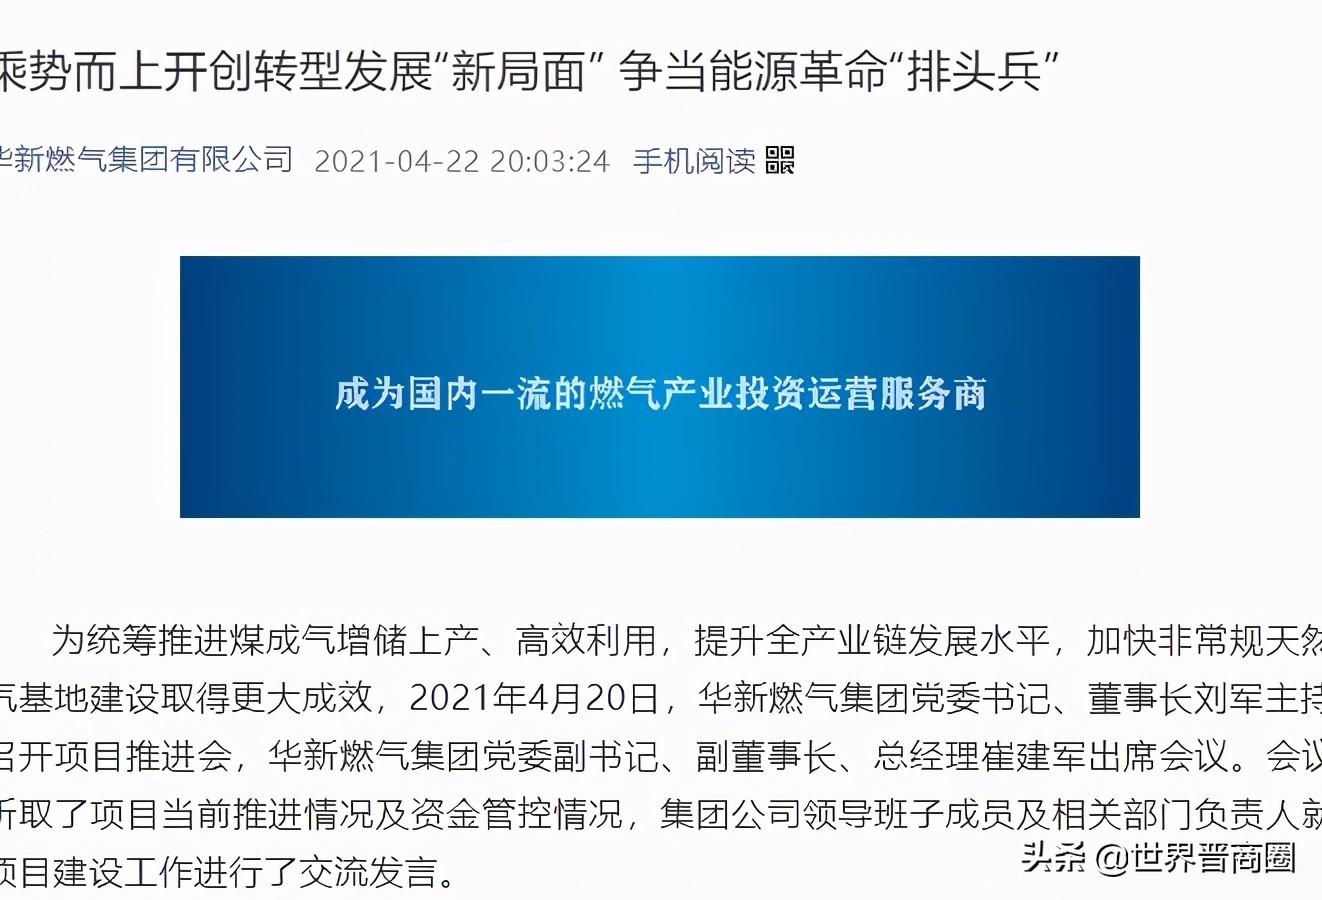 晋能控股集团高管再出缺!刚刚,崔建履新华新燃气集团总经理